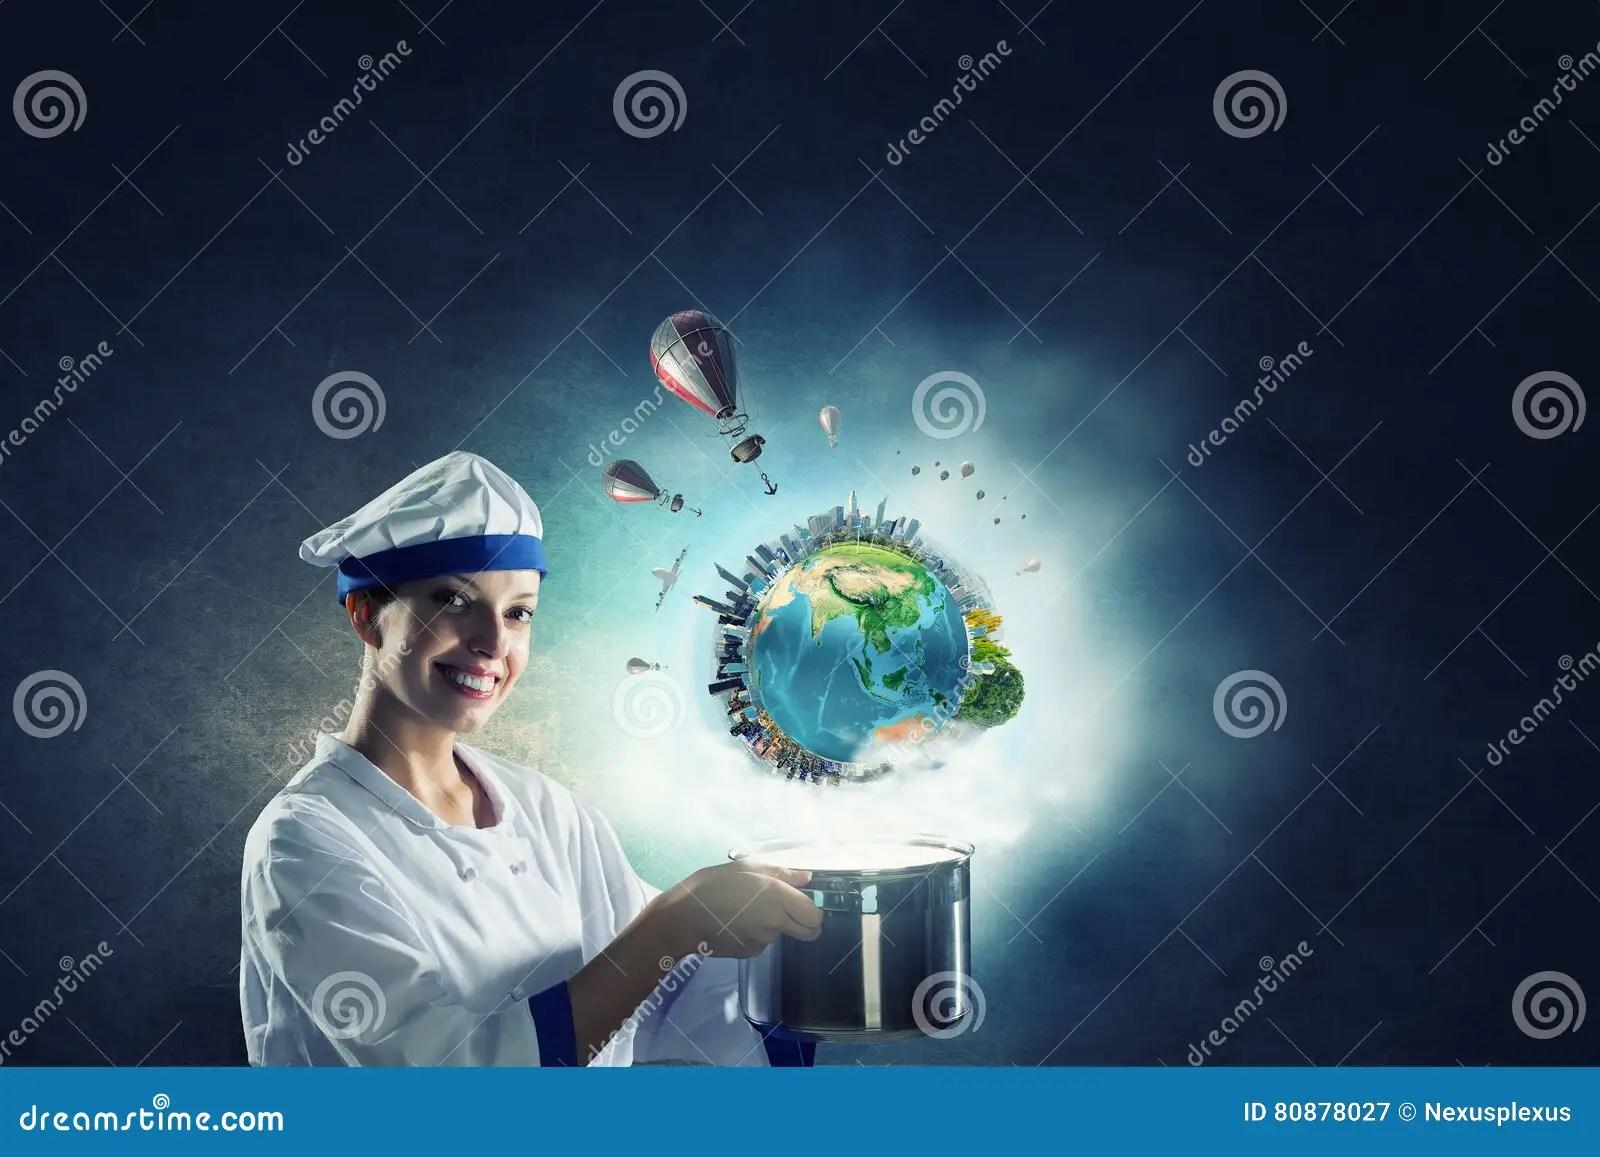 kitchen magician sink for sale 她是魔术师作为厨师混合画法库存图片 图片包括有快乐 魔术师 4月 做在平底锅上的年轻可爱的厨师妇女魔术这个图象的元素由美国航空航天局装备